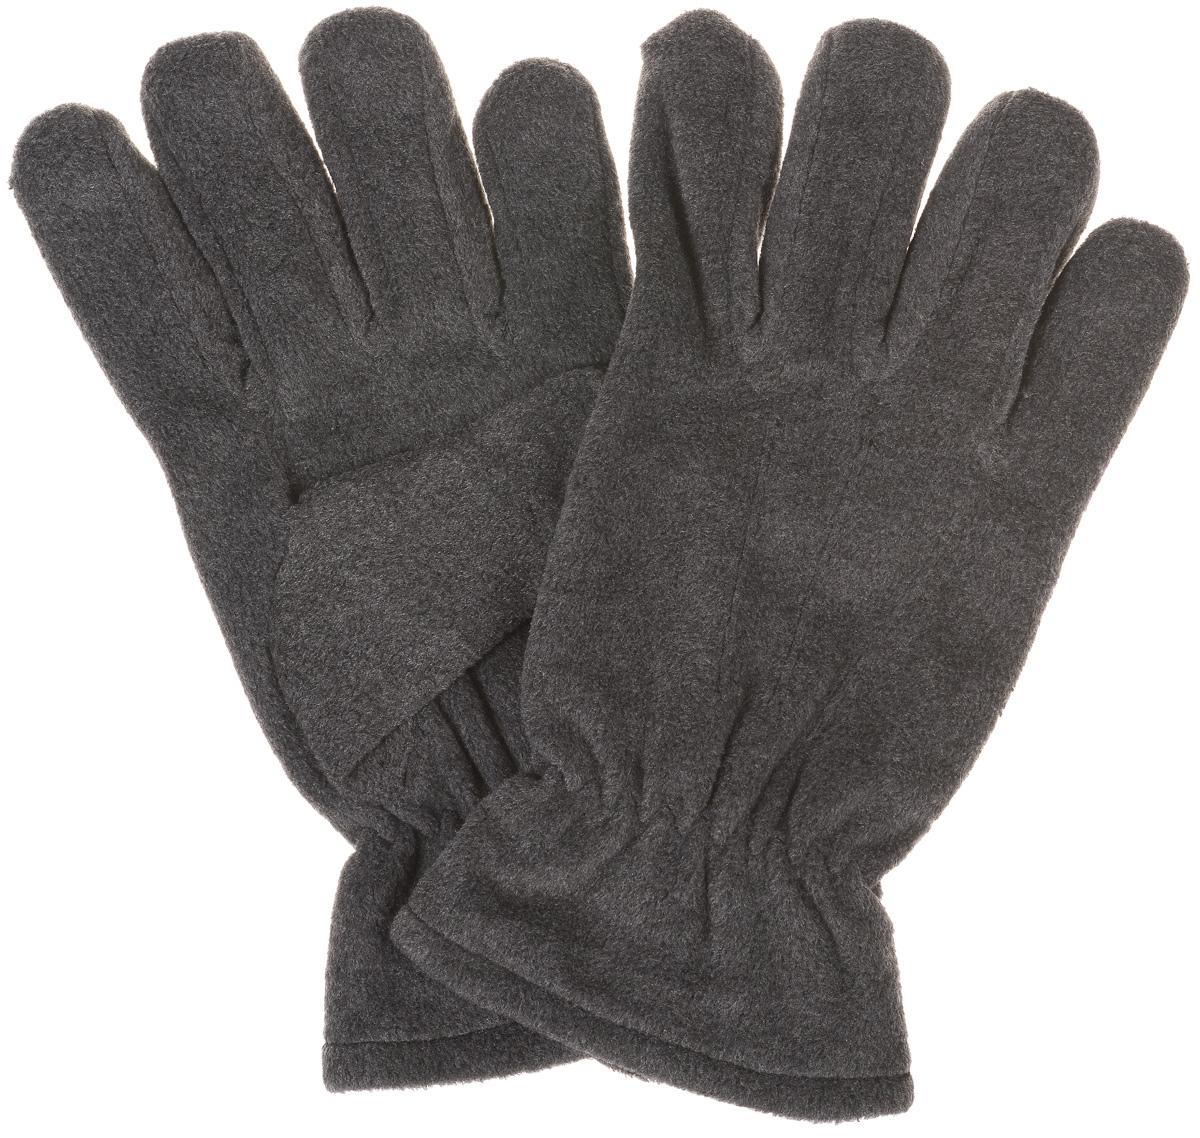 Перчатки мужские. GL-243/015-6303GL-243/015-6303Практичные мужские перчатки Sela незаменимый аксессуар зимнего гардероба на каждый день. Перчатки выполнены из шерсти с добавлением акрила. С внутренней стороны дополнены флисовой подкладкой и утеплителем тинсулейт. Модель оформлена горизонтальными вытачками. Манжеты собраны резинкой. Перчатки станут завершающим элементом вашего стиля и защитят ваши руки от холода.